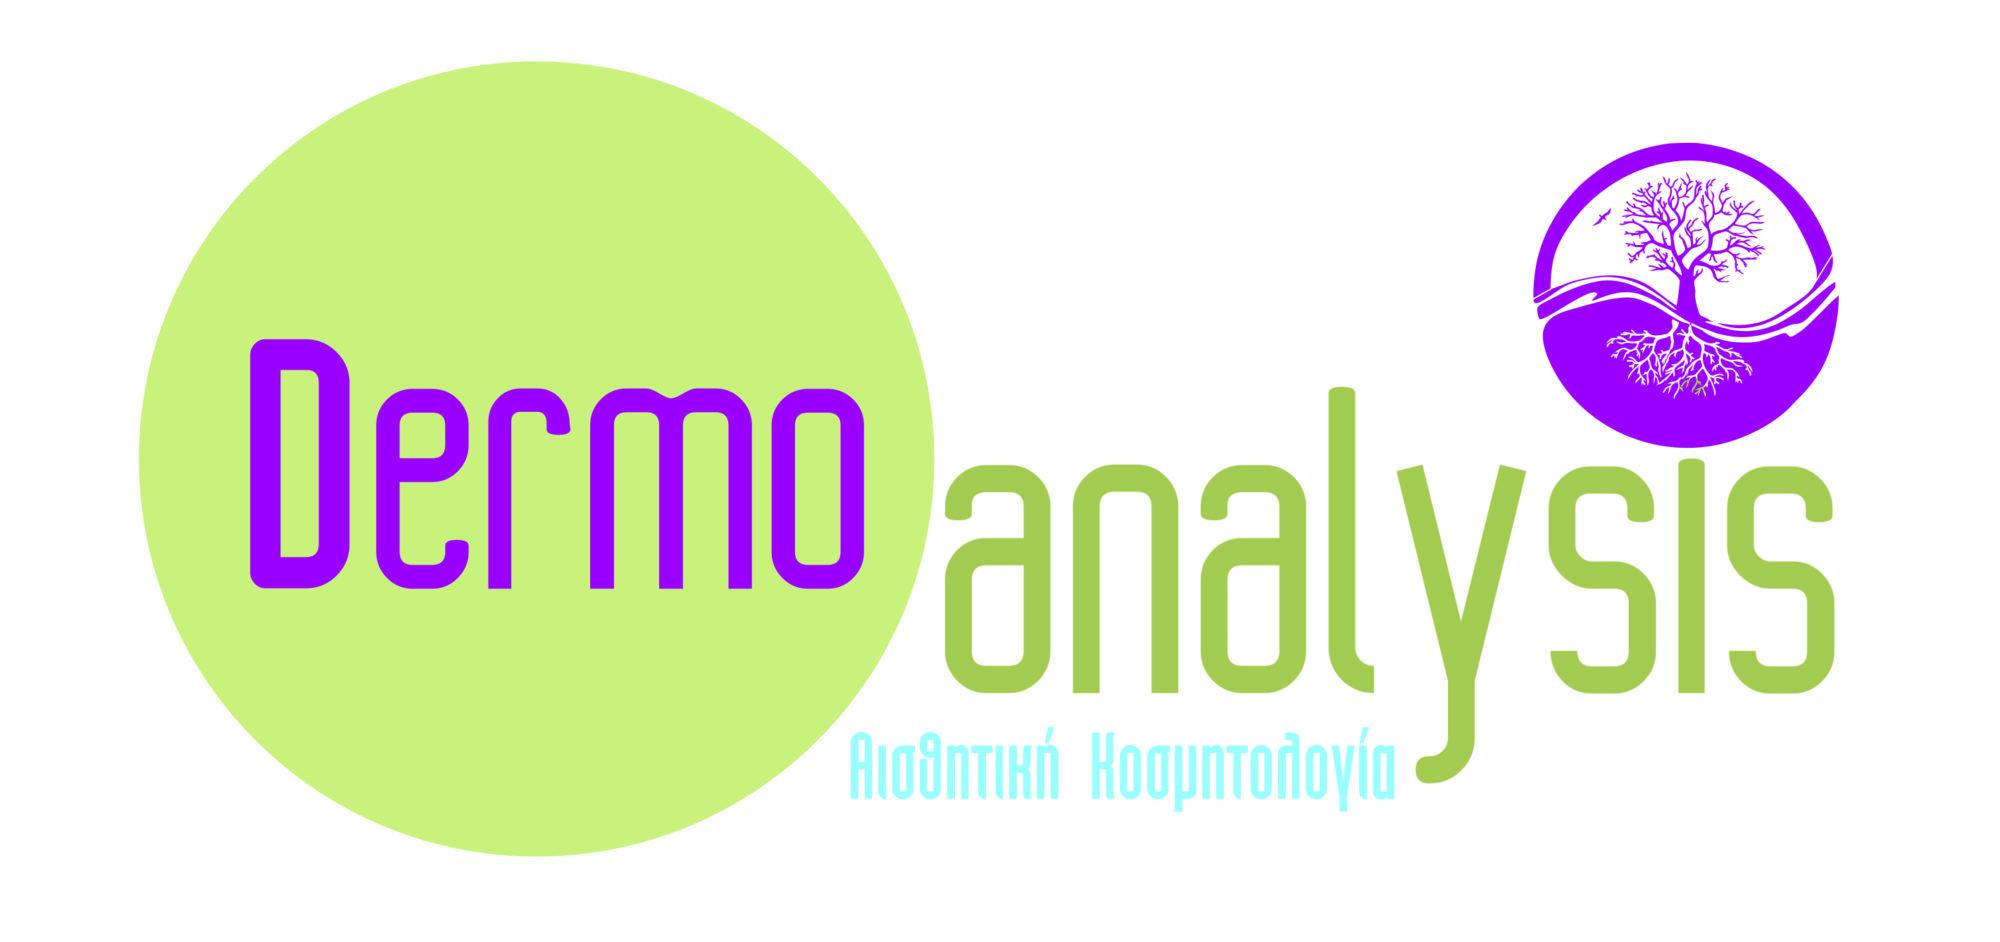 Dermoanalysis